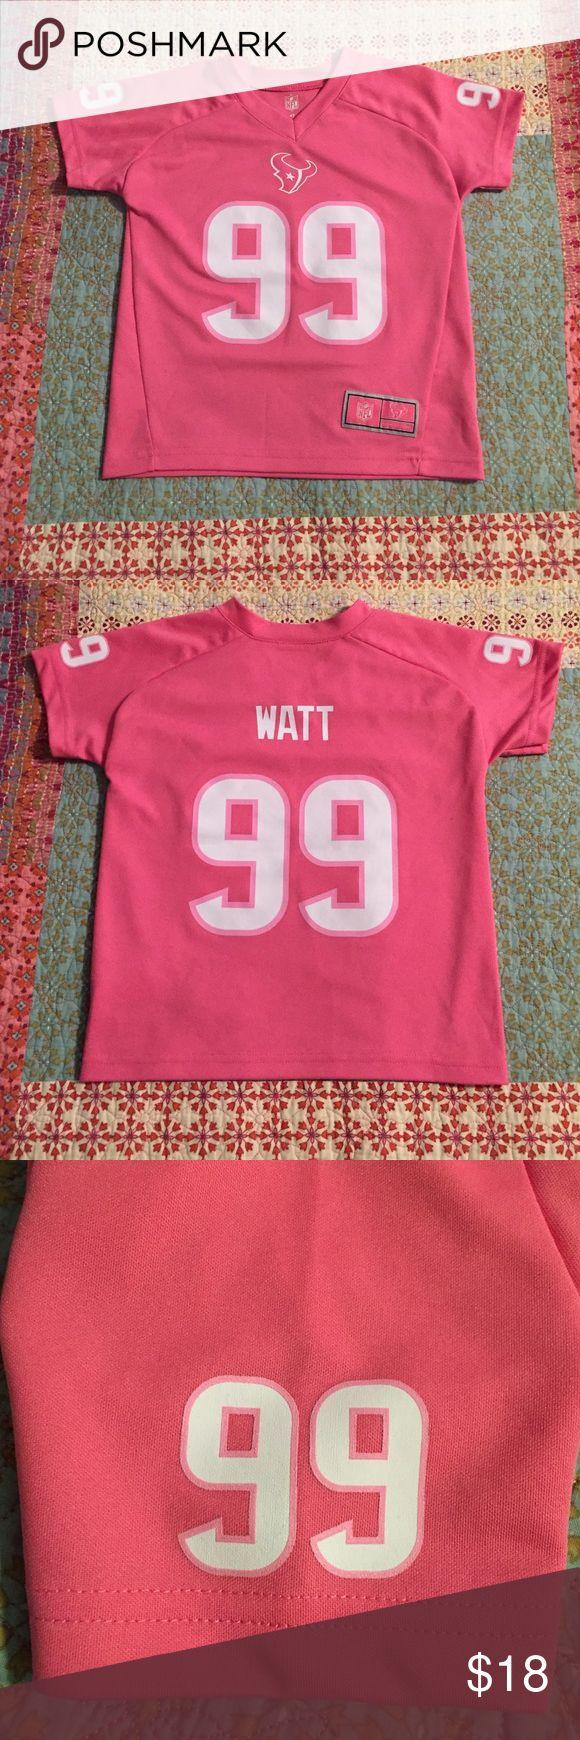 JJ Watt Texans Jersey Make an offer!! Smoke free/pet free home. NFL Shirts & Tops Tees - Short Sleeve